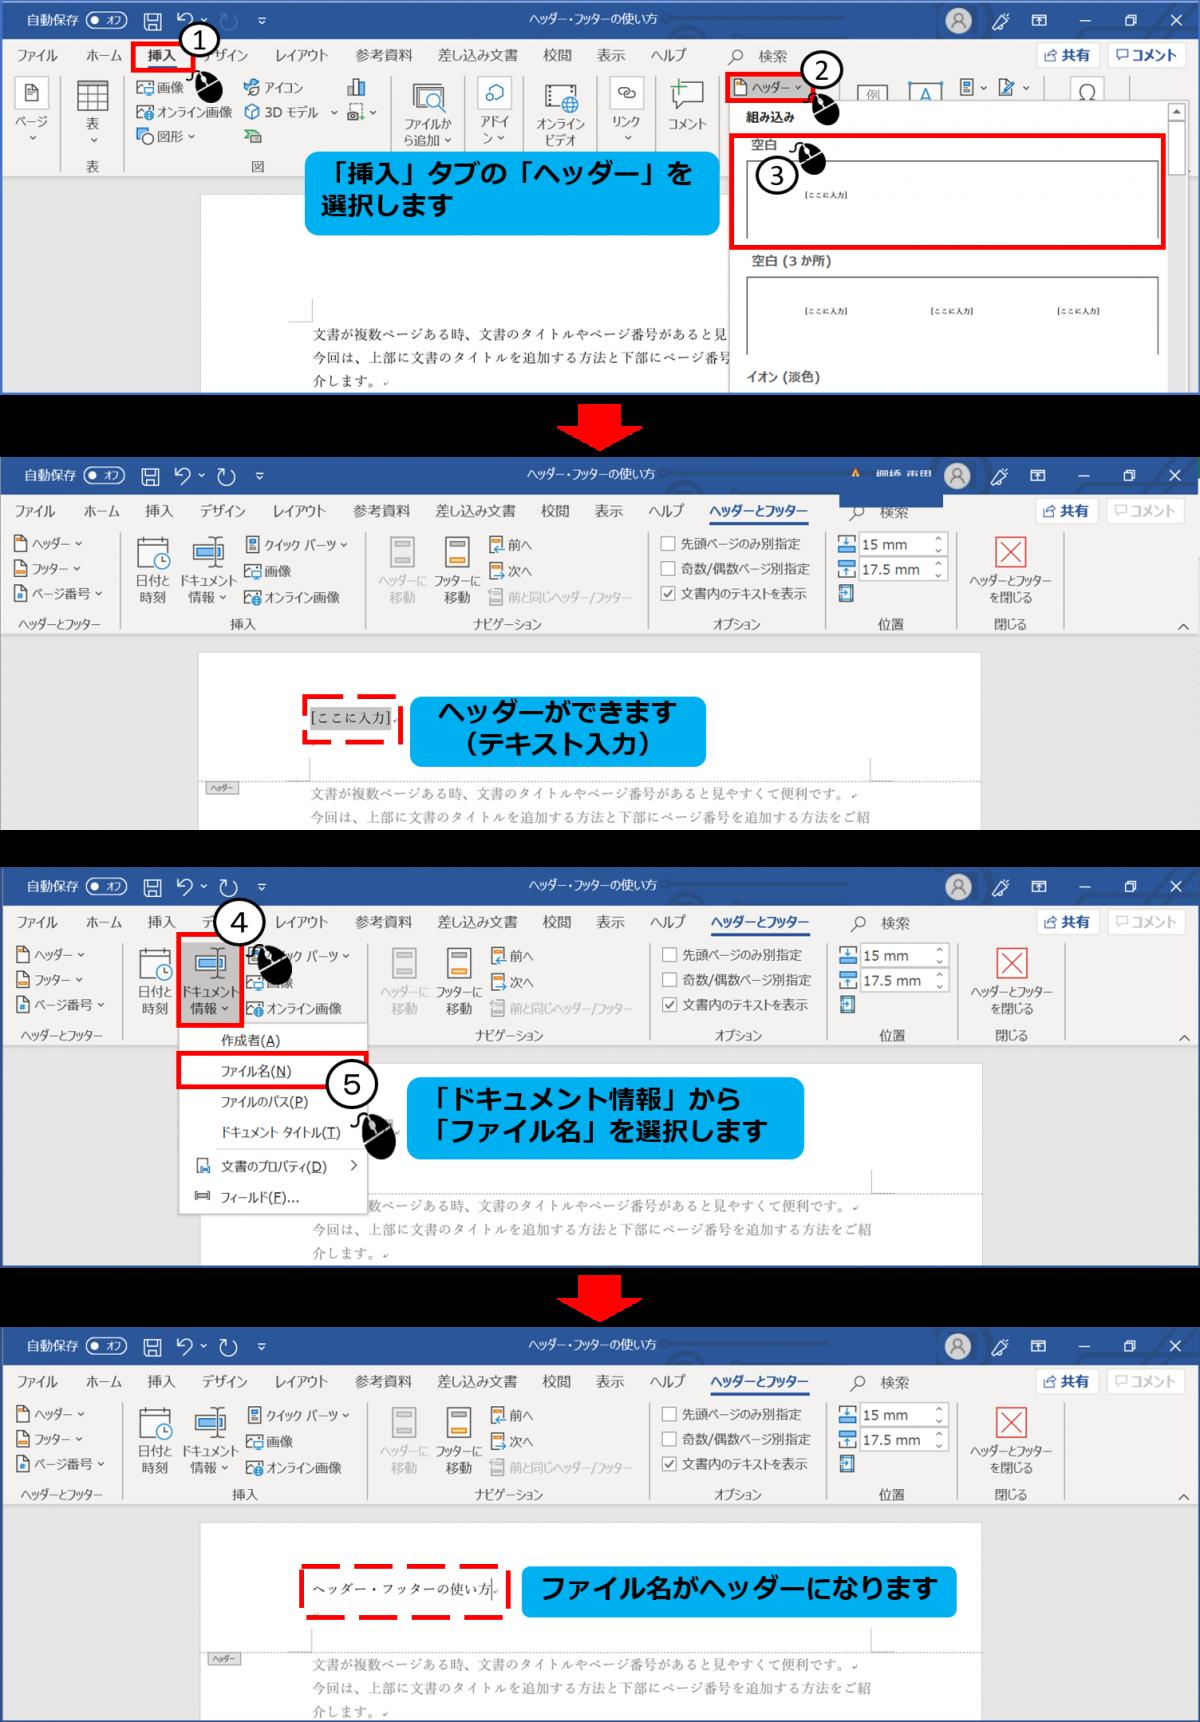 ヘッダー作成とヘッダーに文書のファイル名を追加する方法